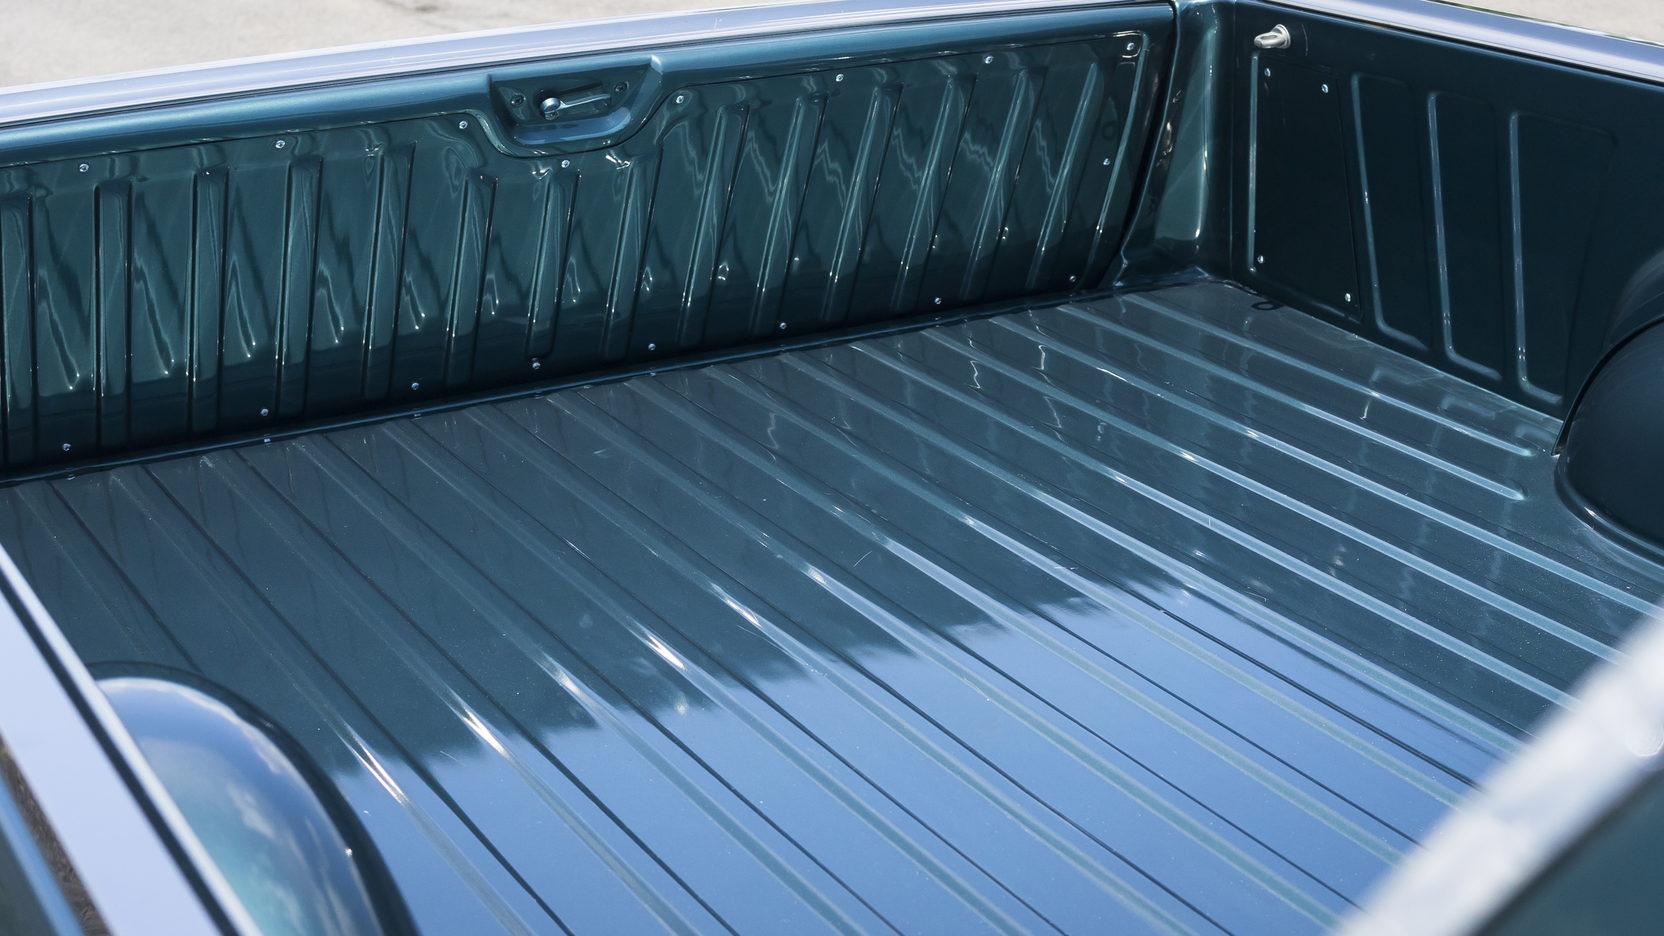 1965 Chevrolet El Camino bed